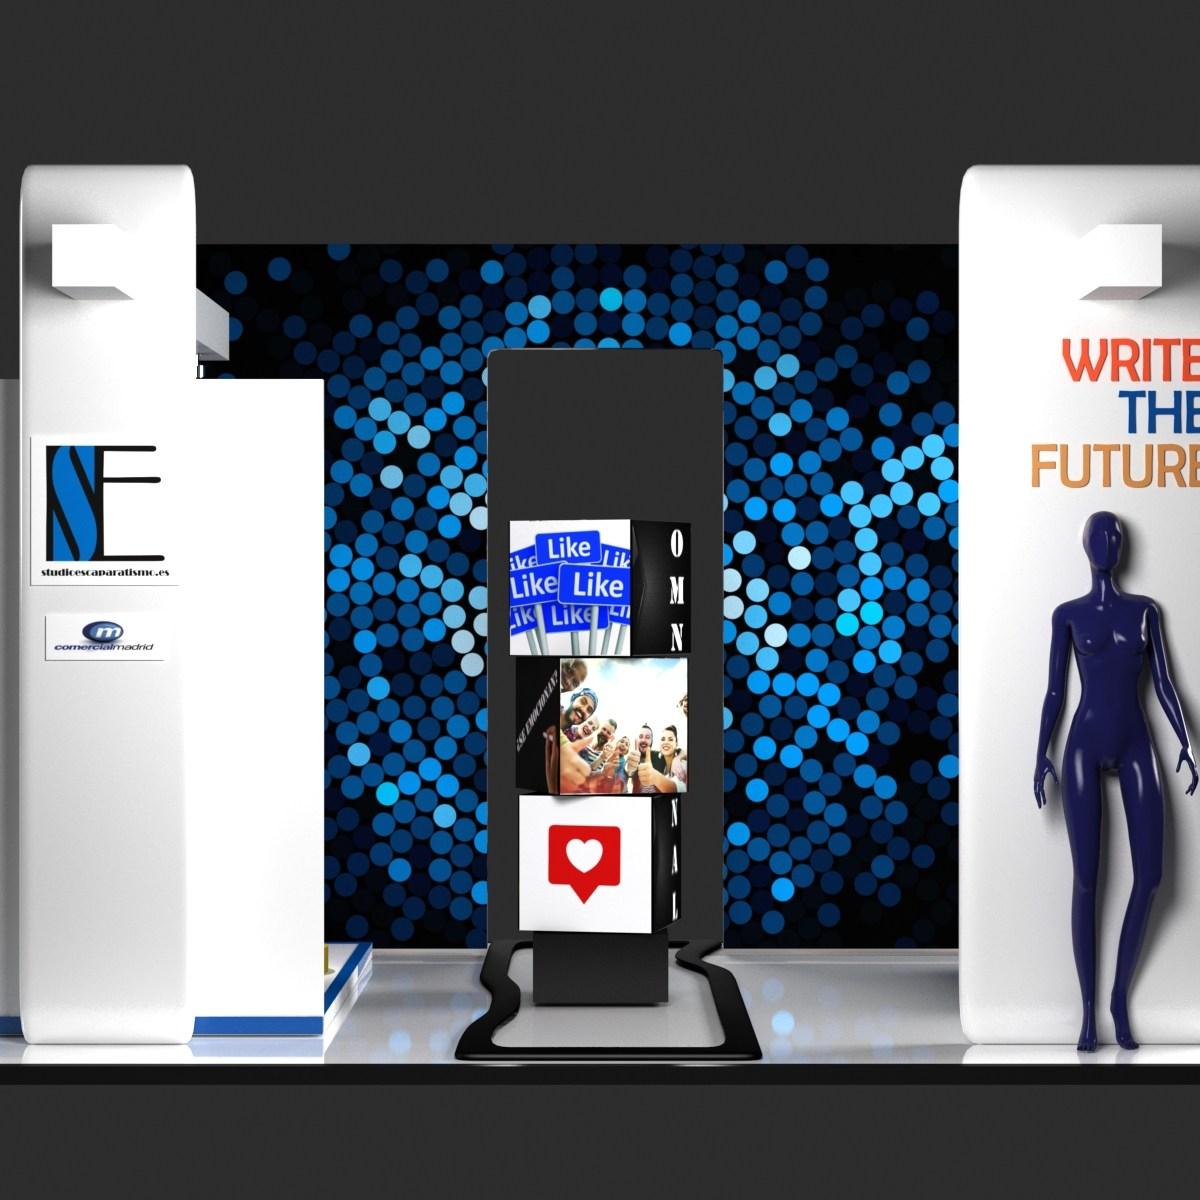 Diseño futurista de tiendas físicas donde las experiencias de compra despiertan los sentidos de los clientes.